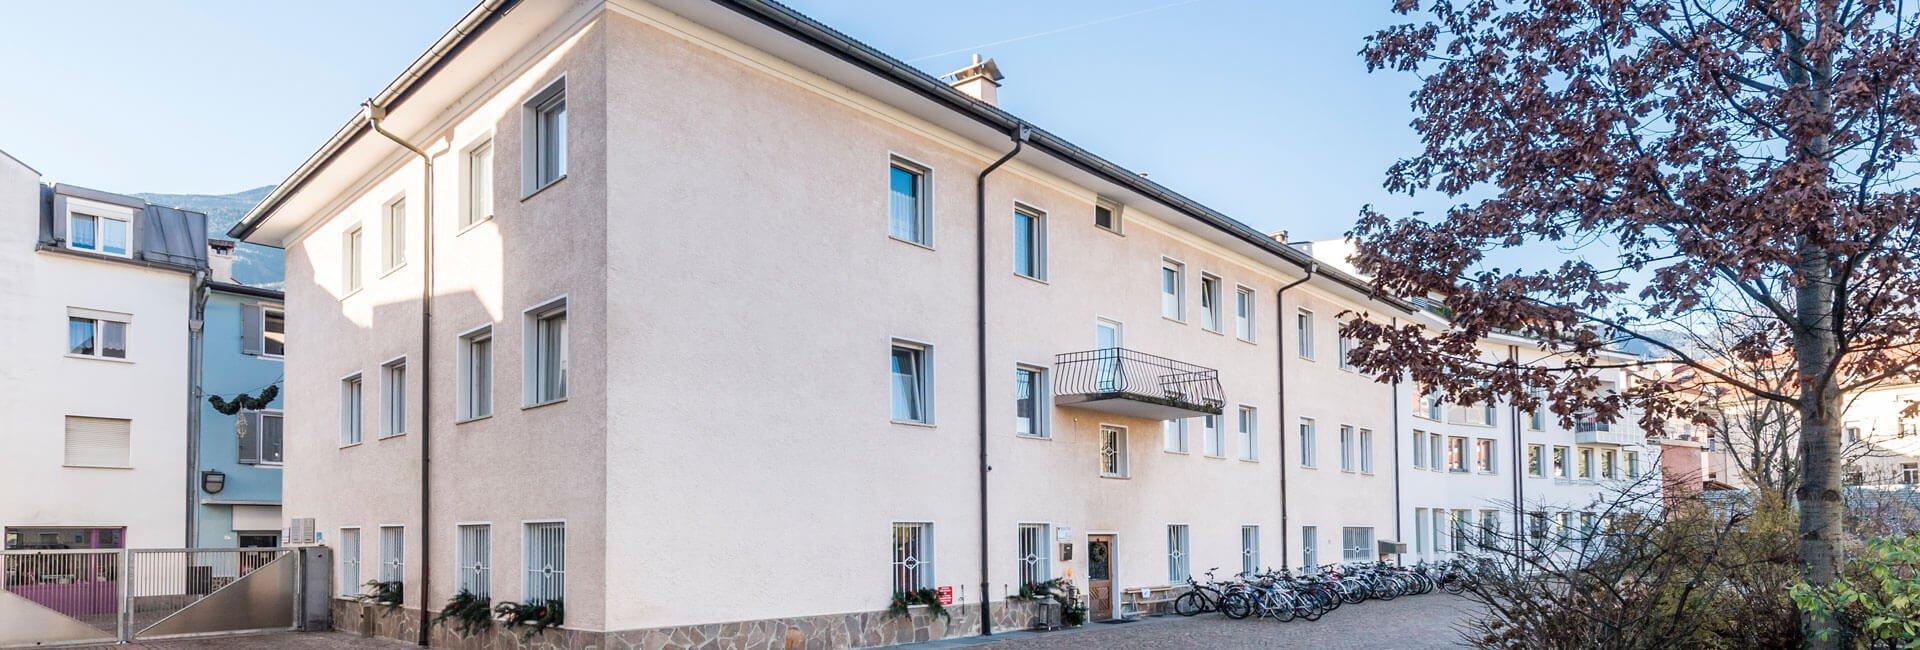 studentenwohnheim-brixen-04